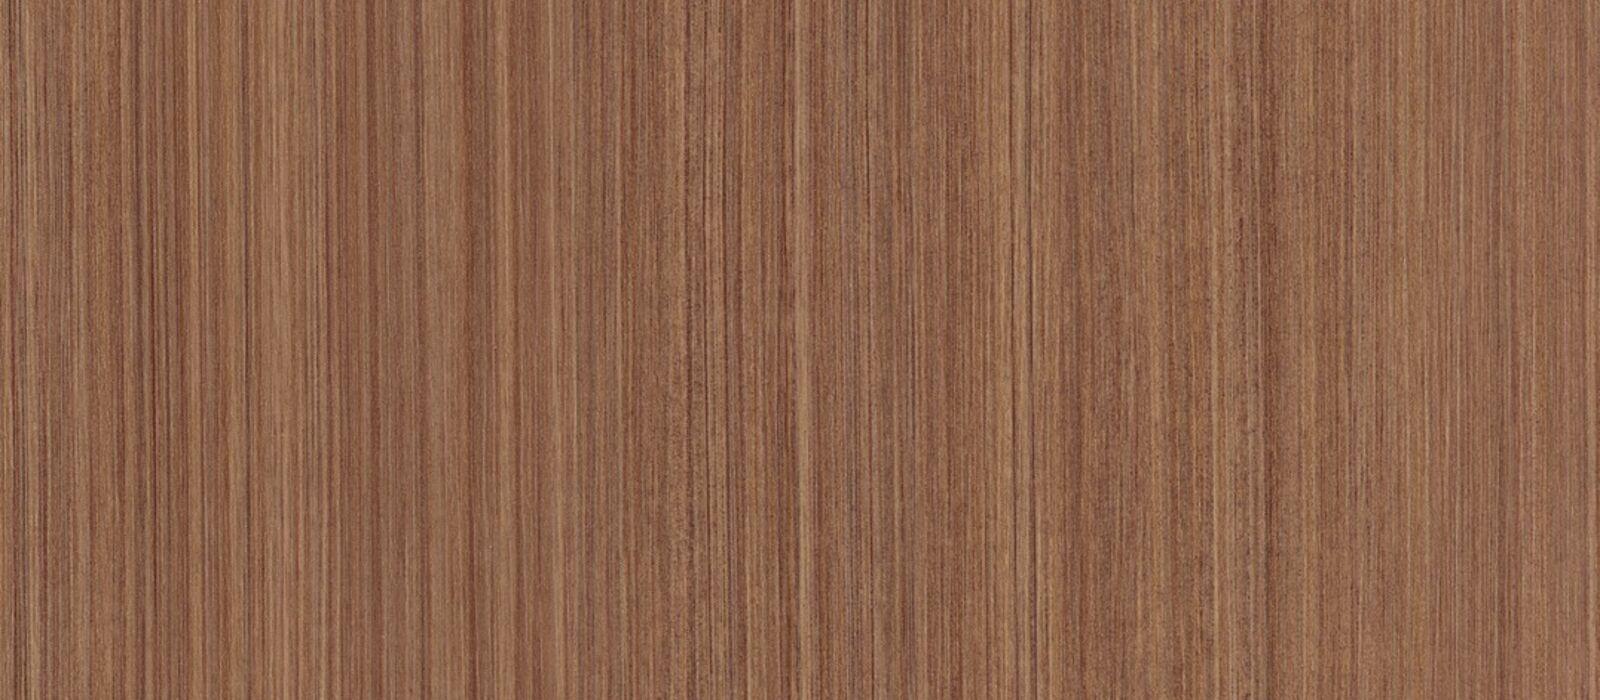 cla. Fino bronze               0,40 1420